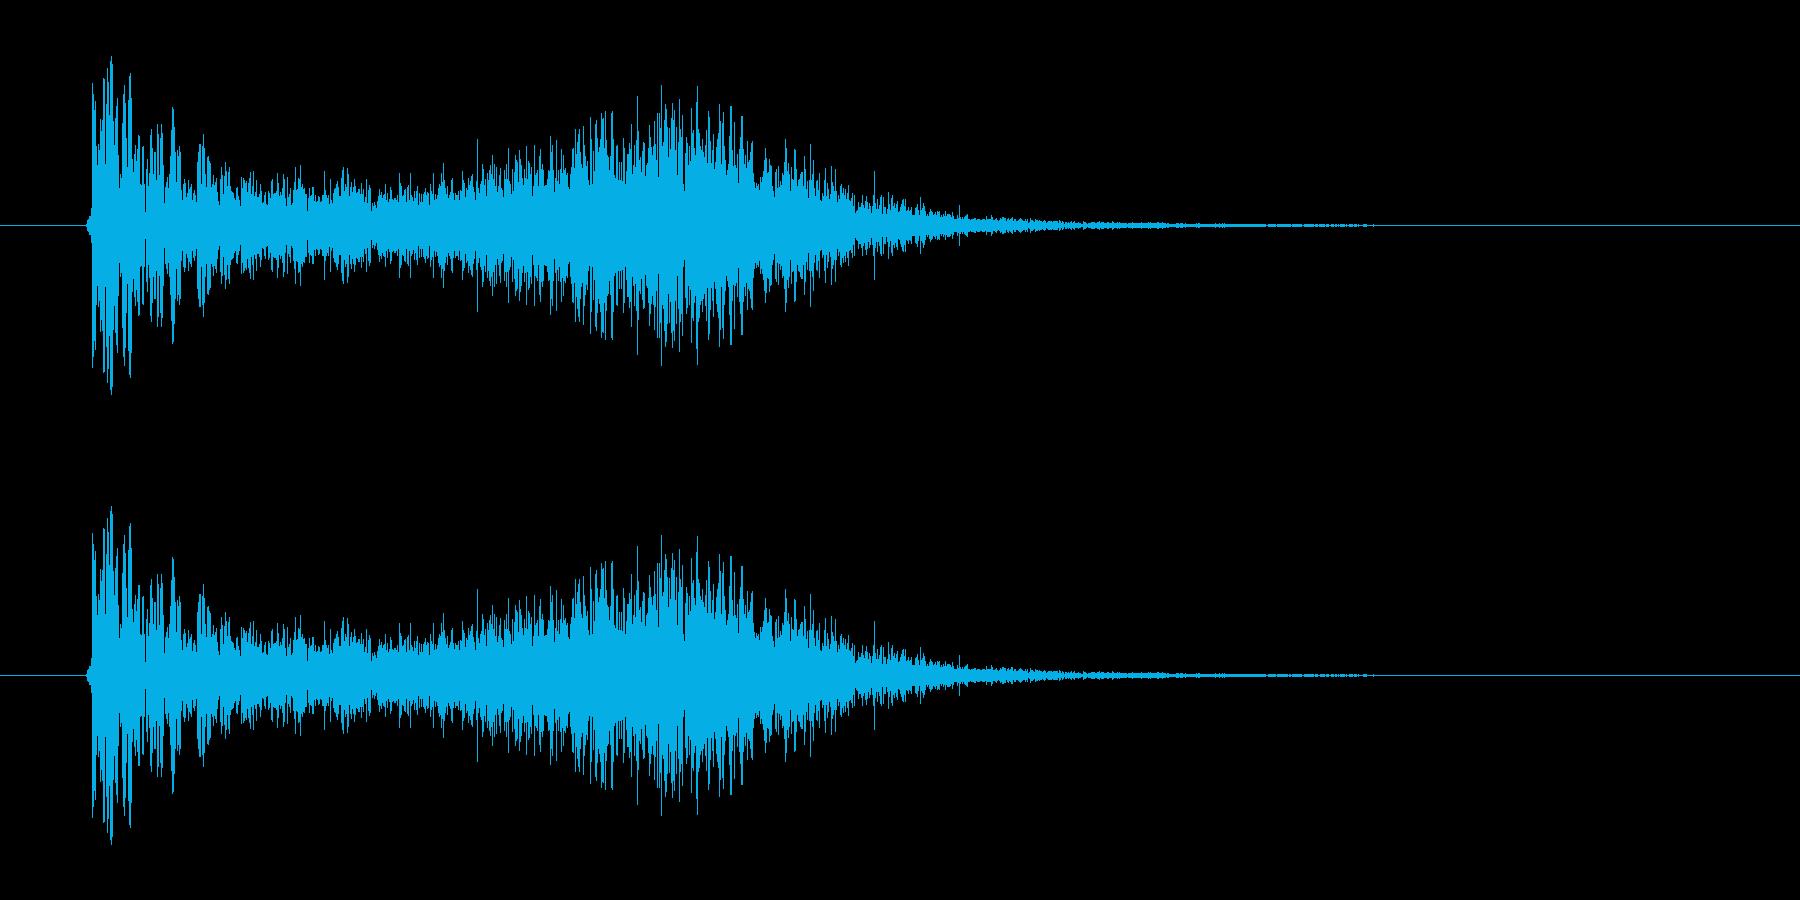 バズーカ砲、ミサイルを打った音の再生済みの波形